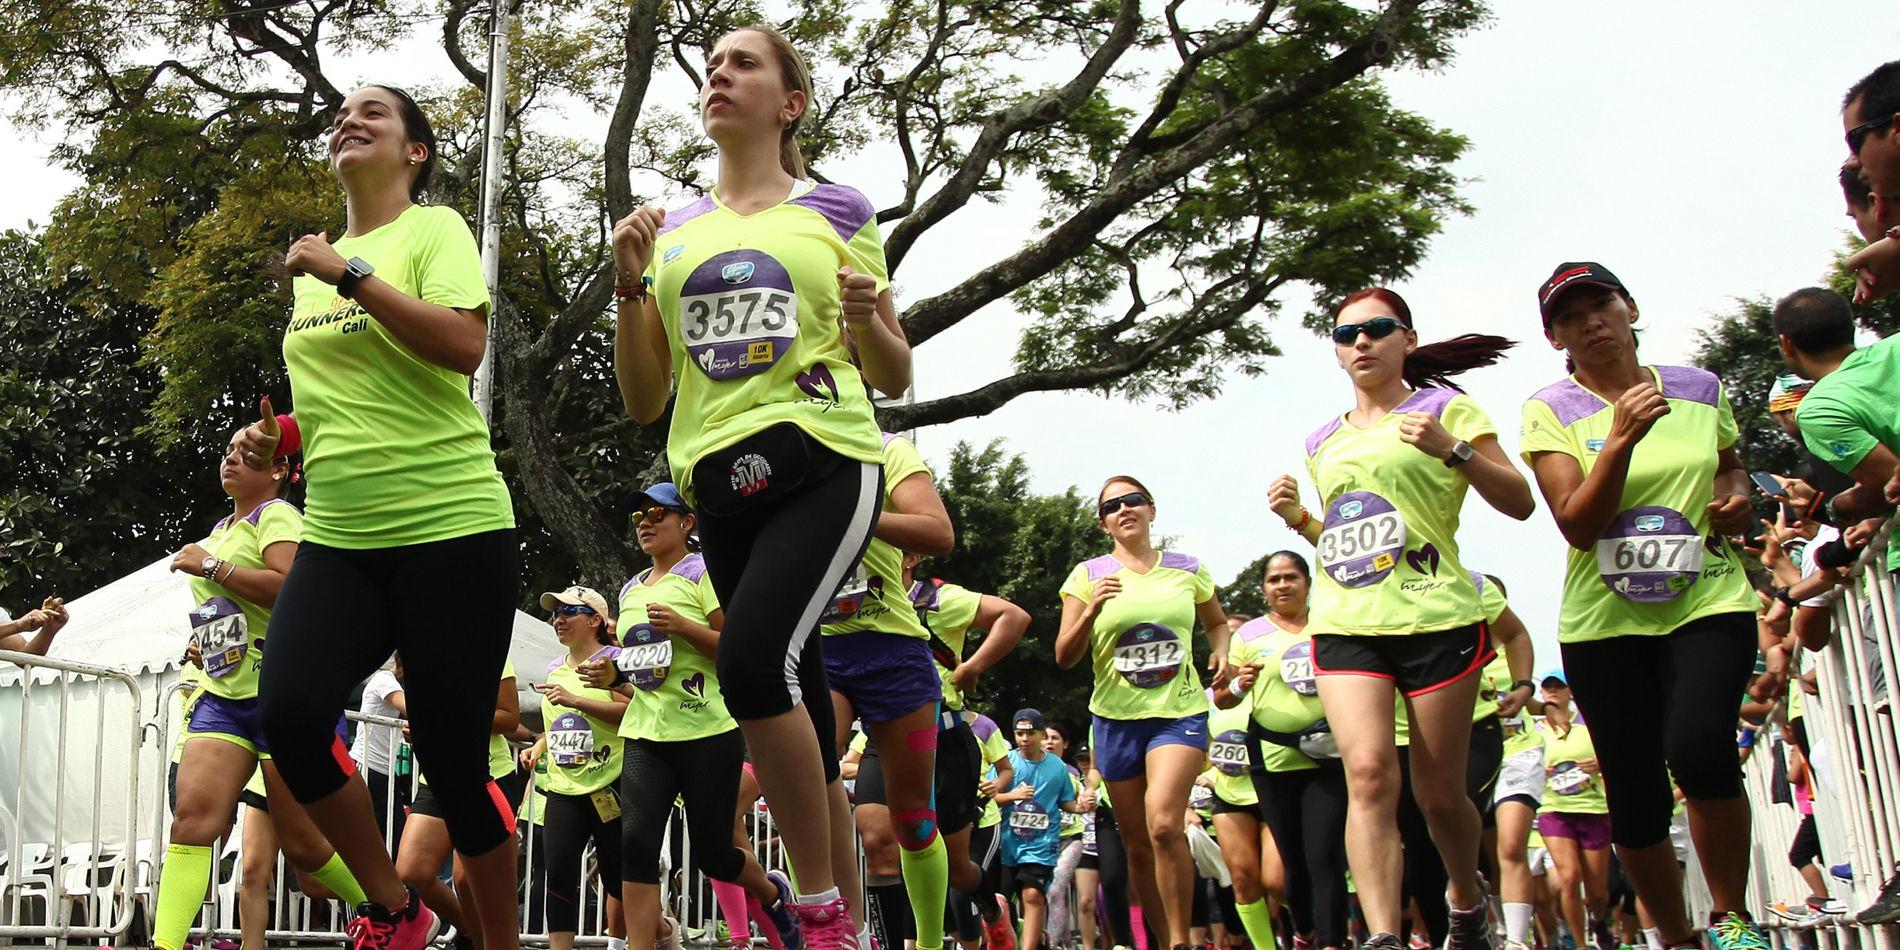 Recomendaciones Para Correr Carreras 10k Salud Eltiempo Com